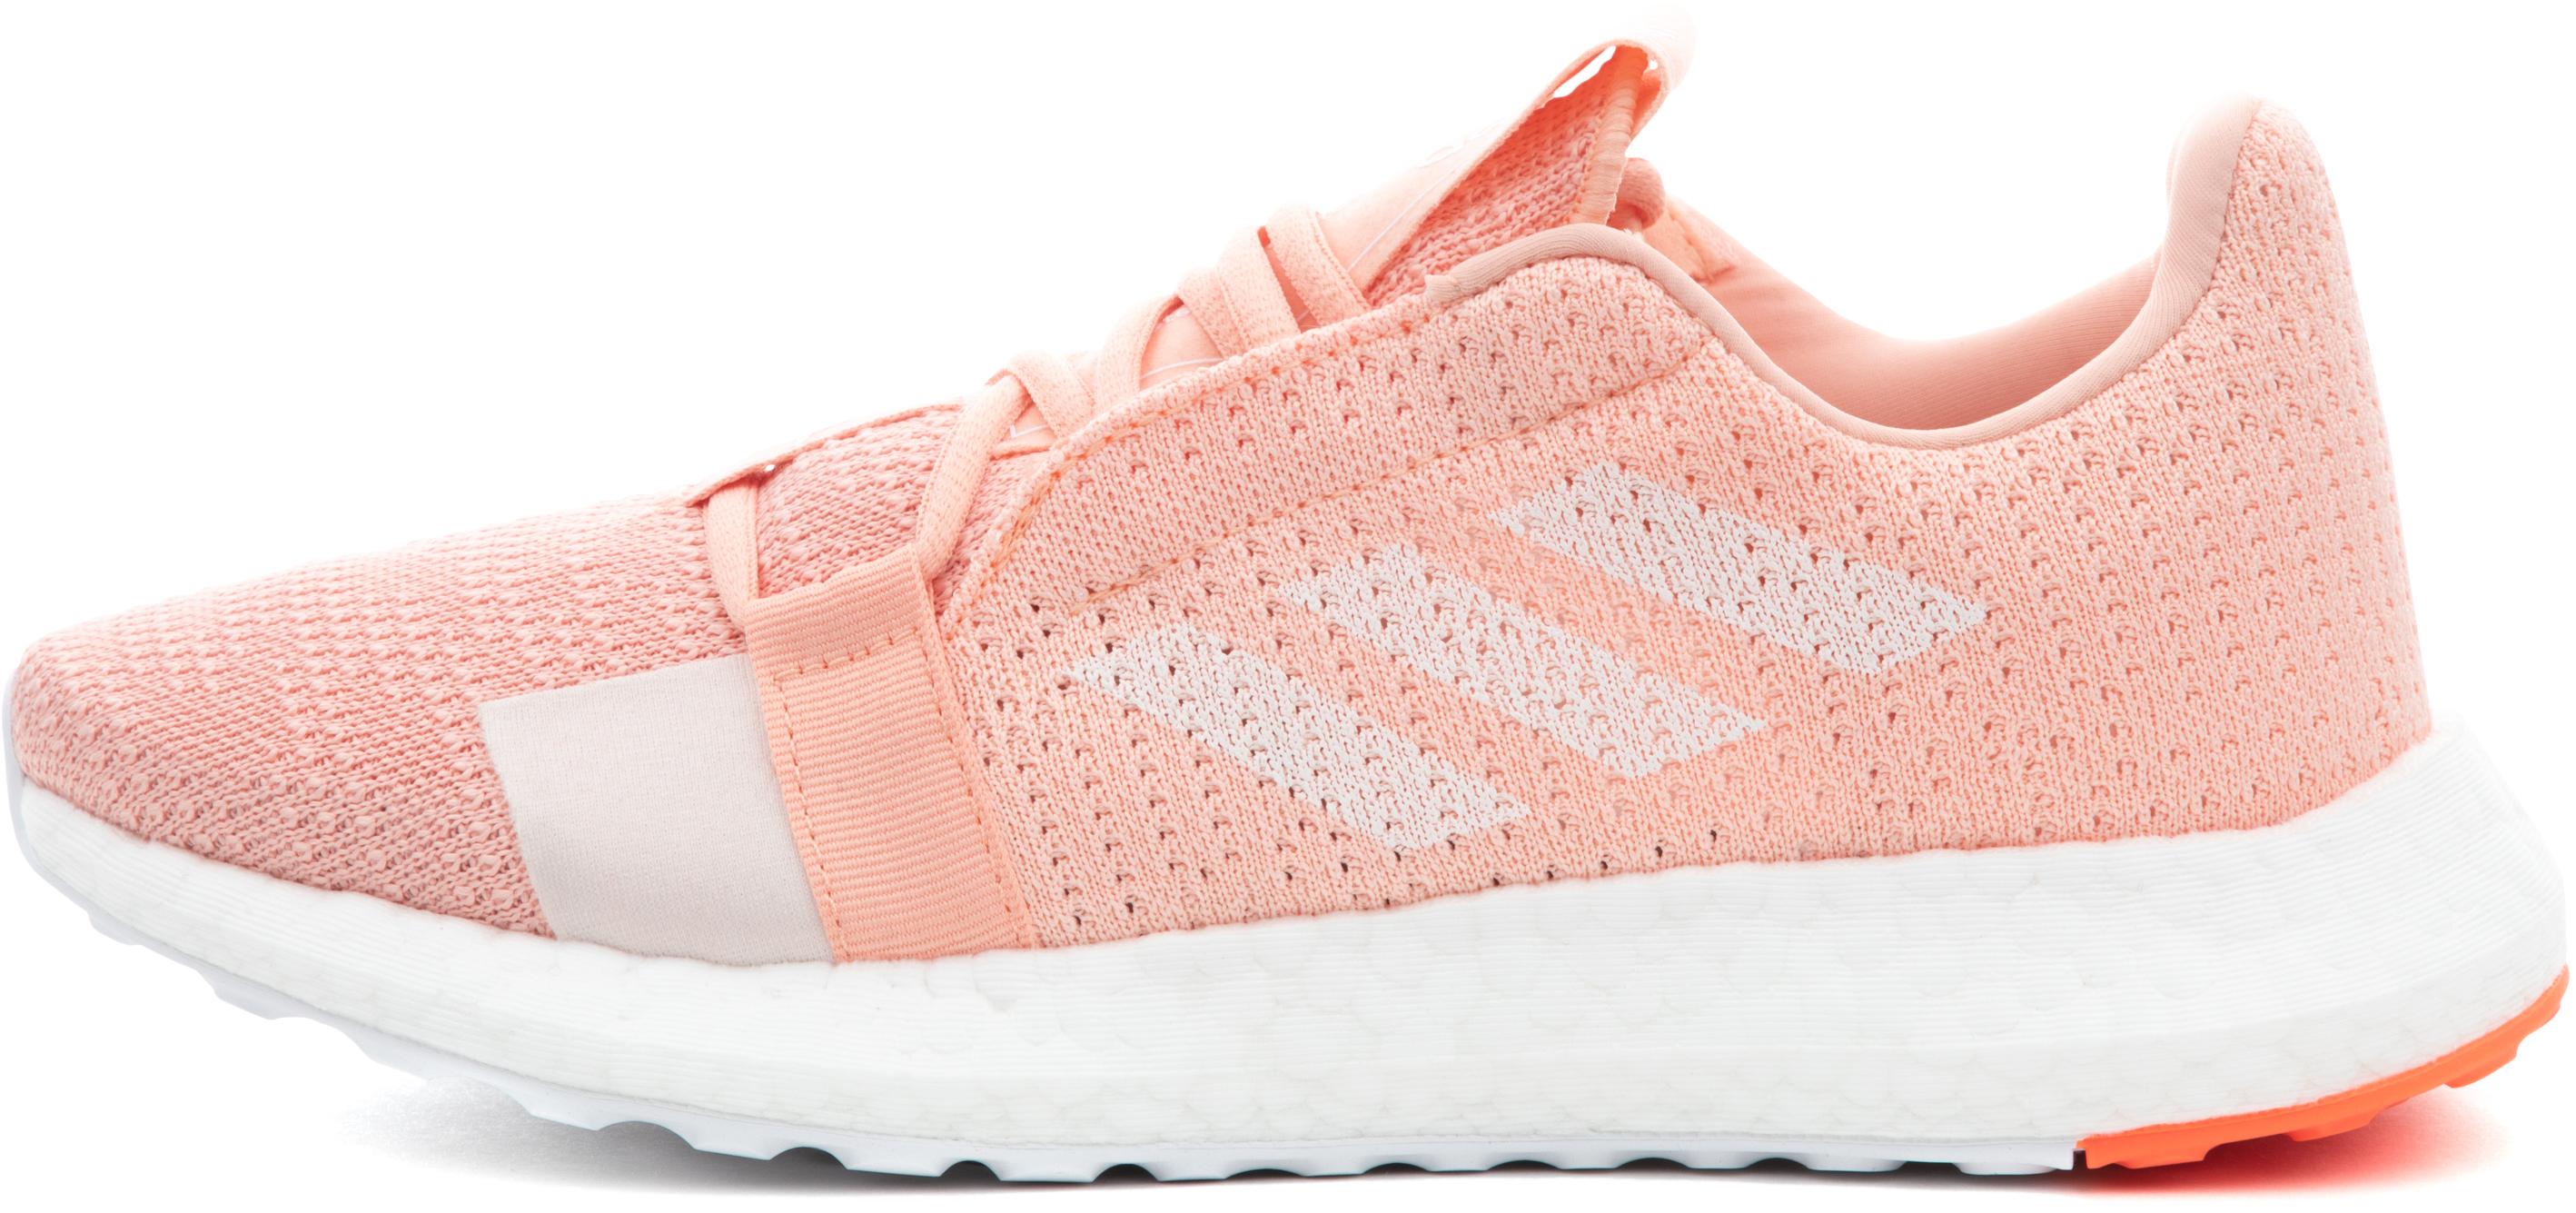 Adidas Кроссовки женские Senseboost Go, размер 36